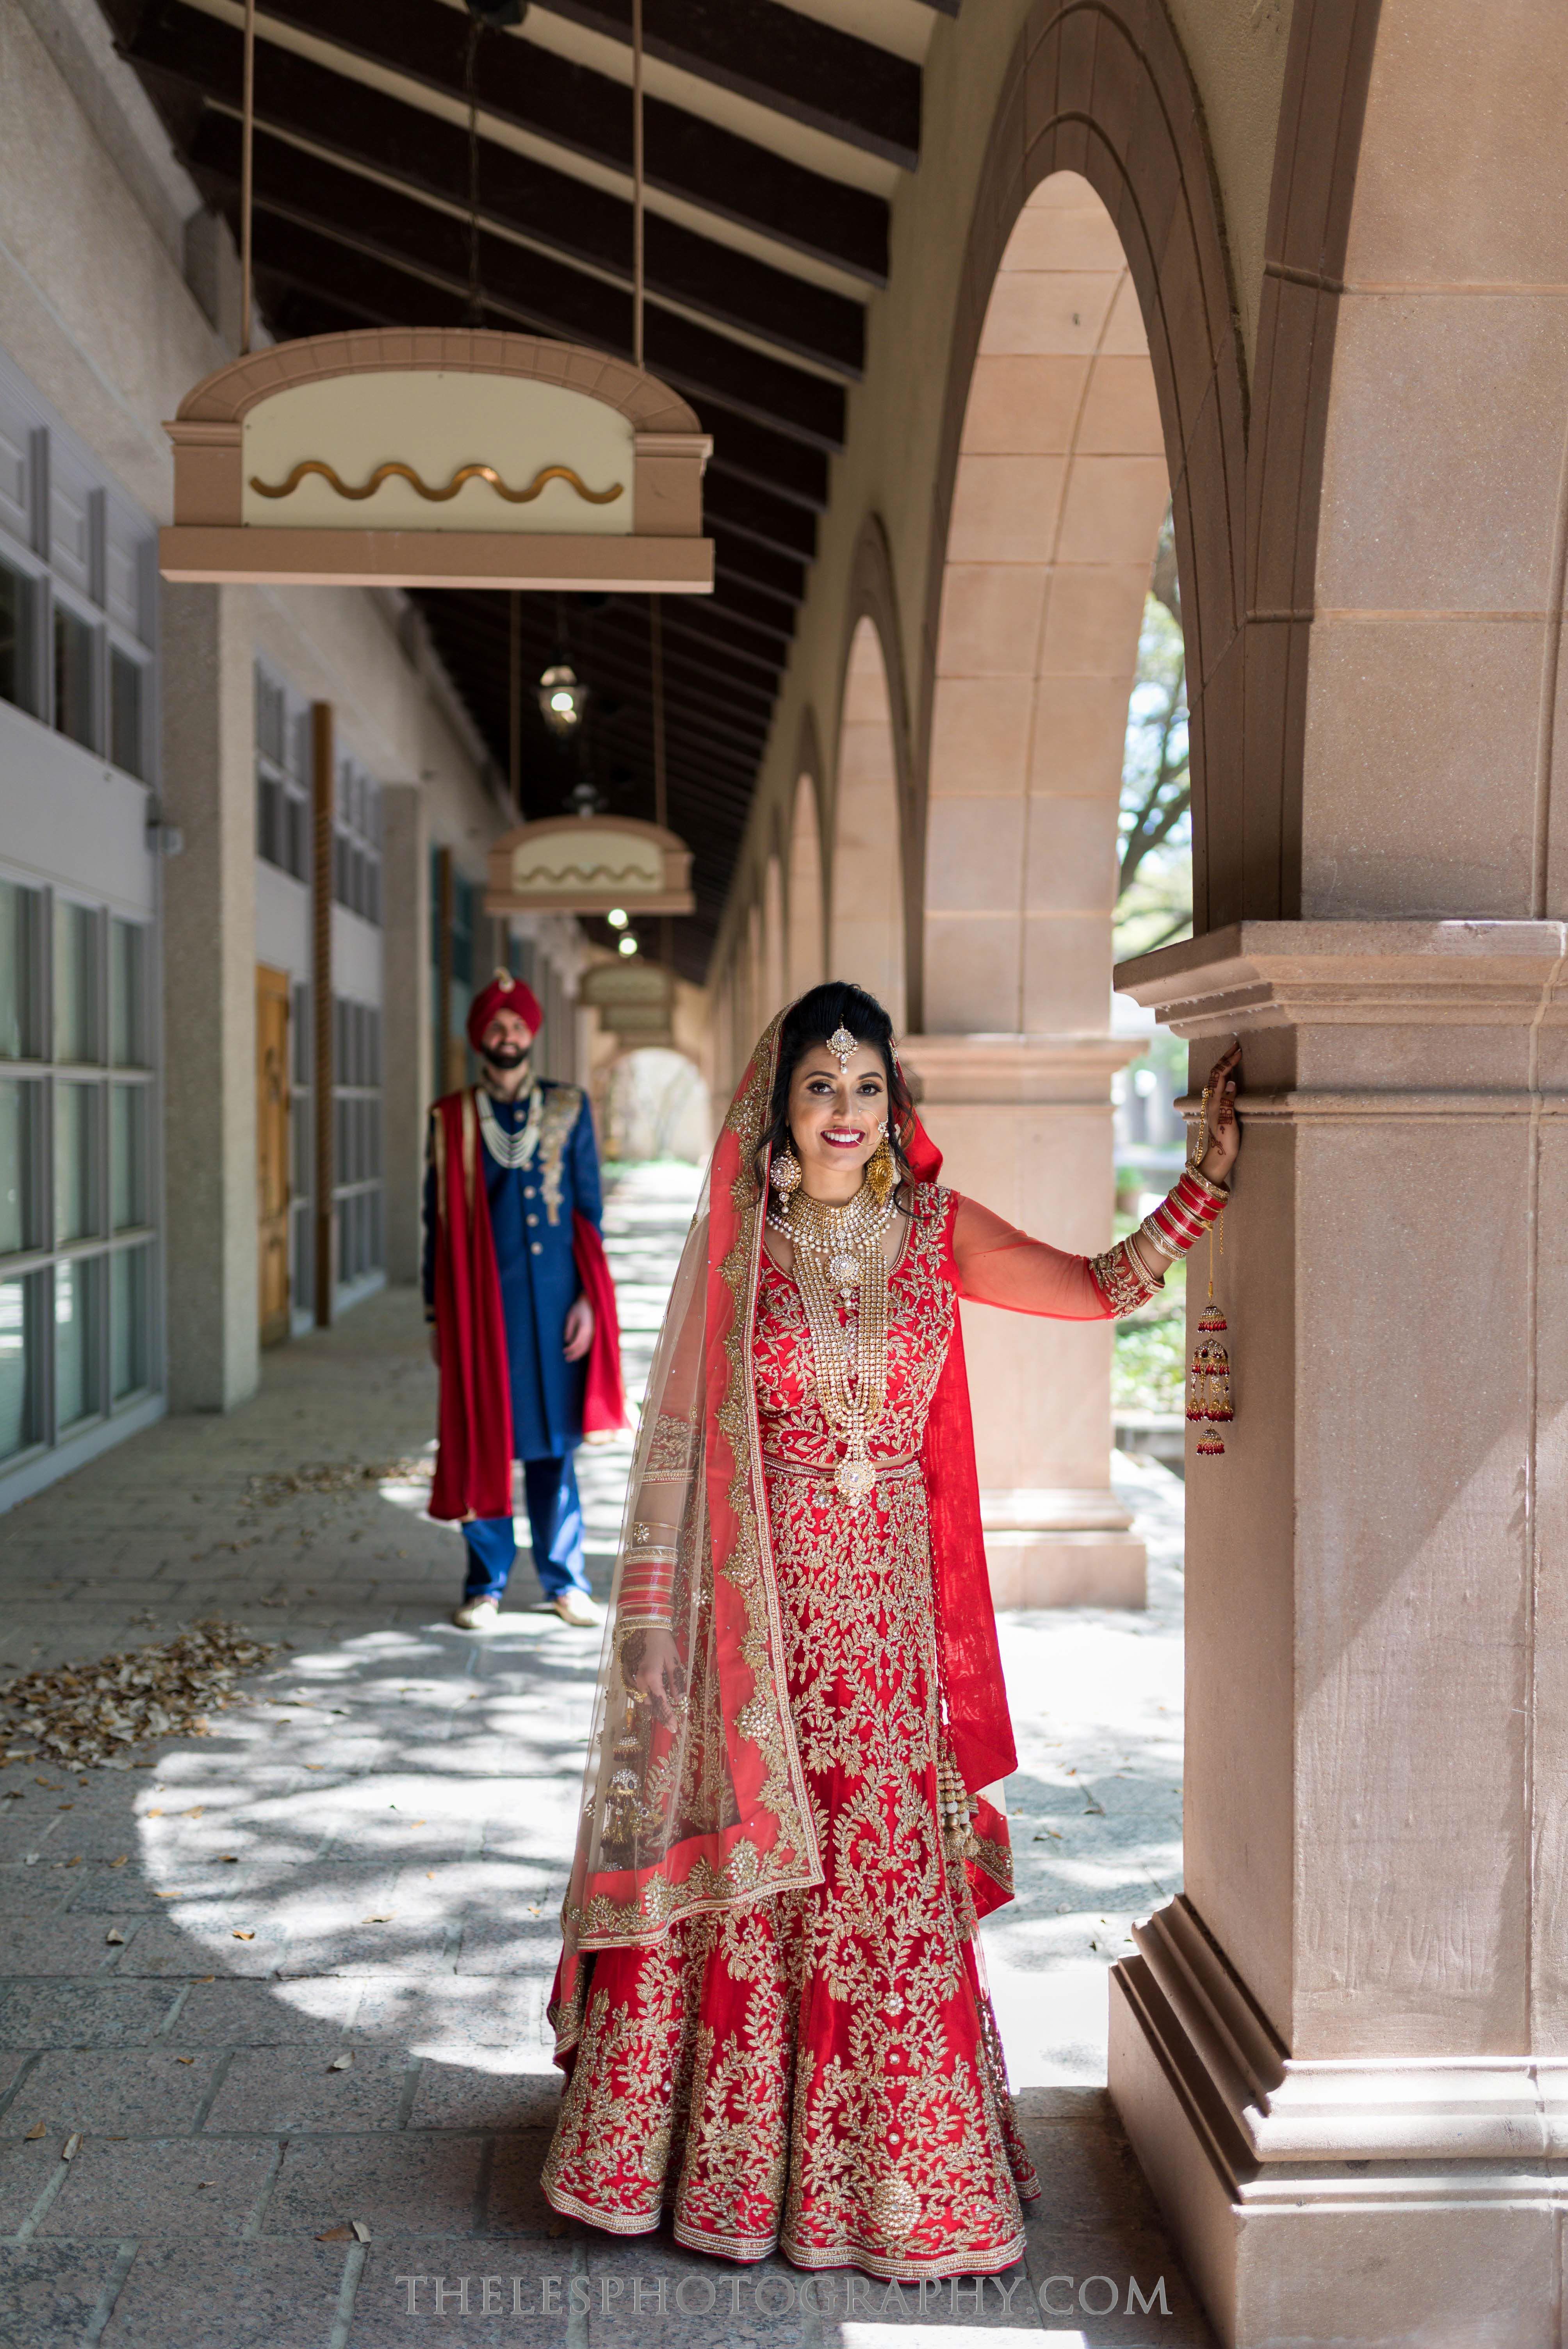 The Les Photography - Punjabi Wedding - Sikh Indian Wedding - Dallas Wedding Photographer 52